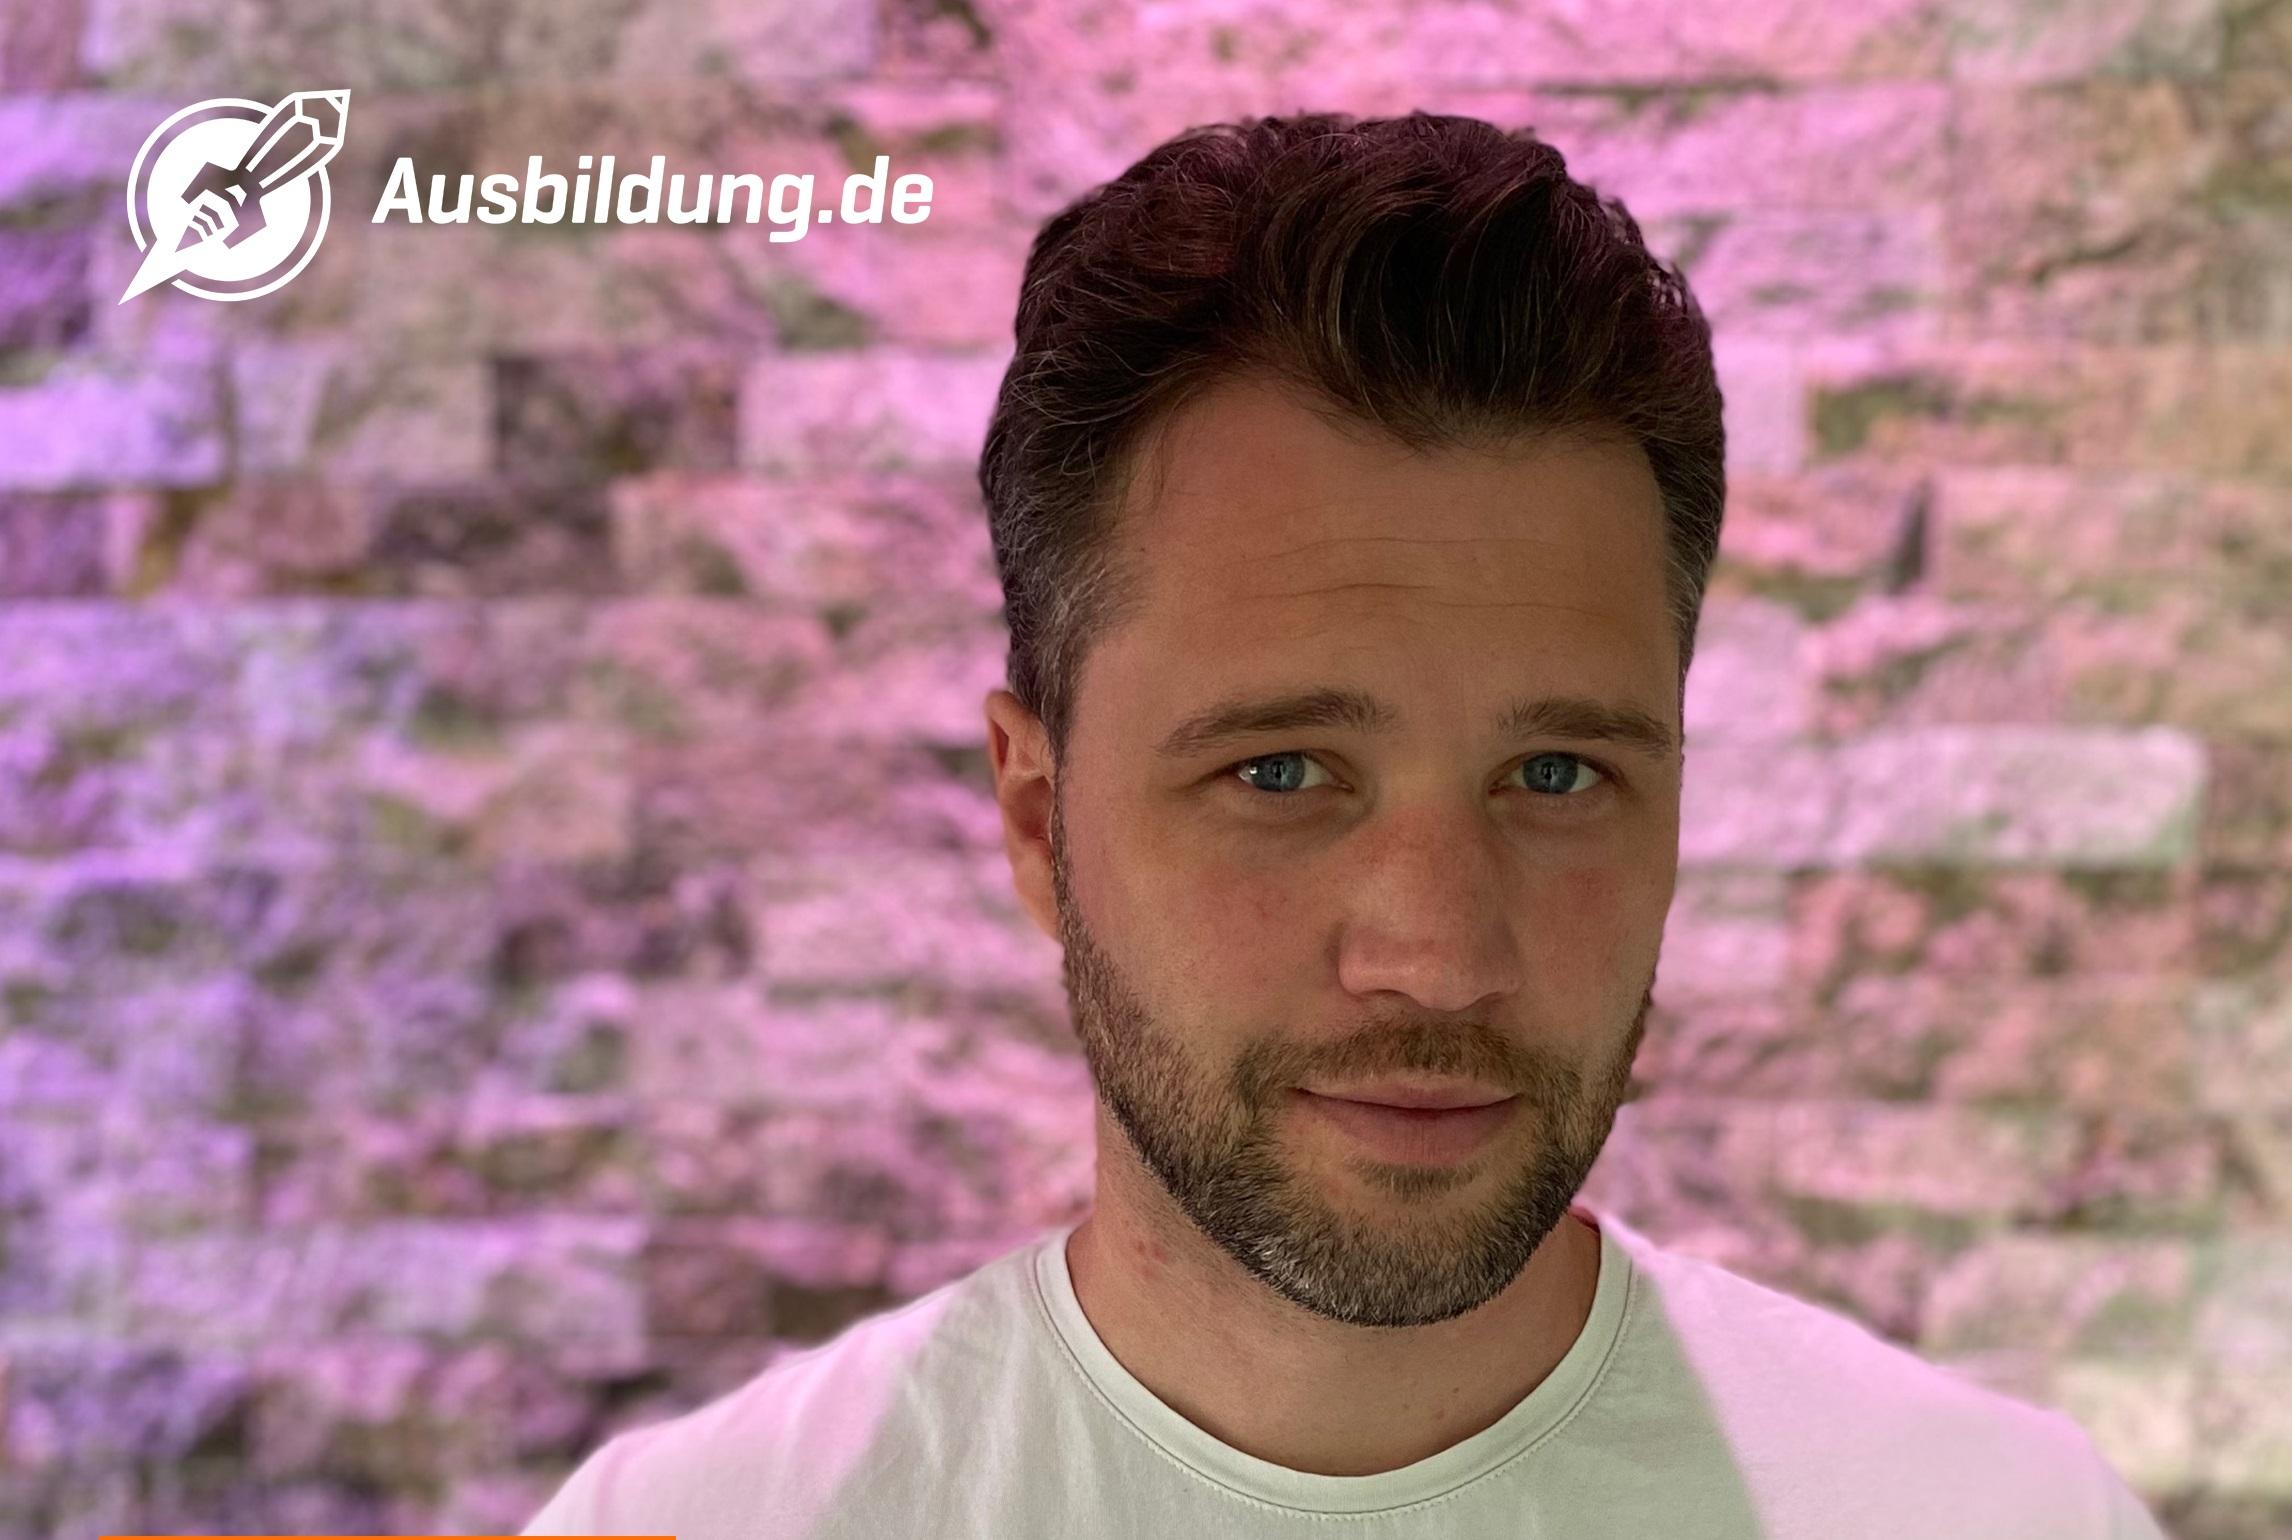 2021-07-12-Lino-Koehler-Performance-Marketing-Manager-ausbildung.de